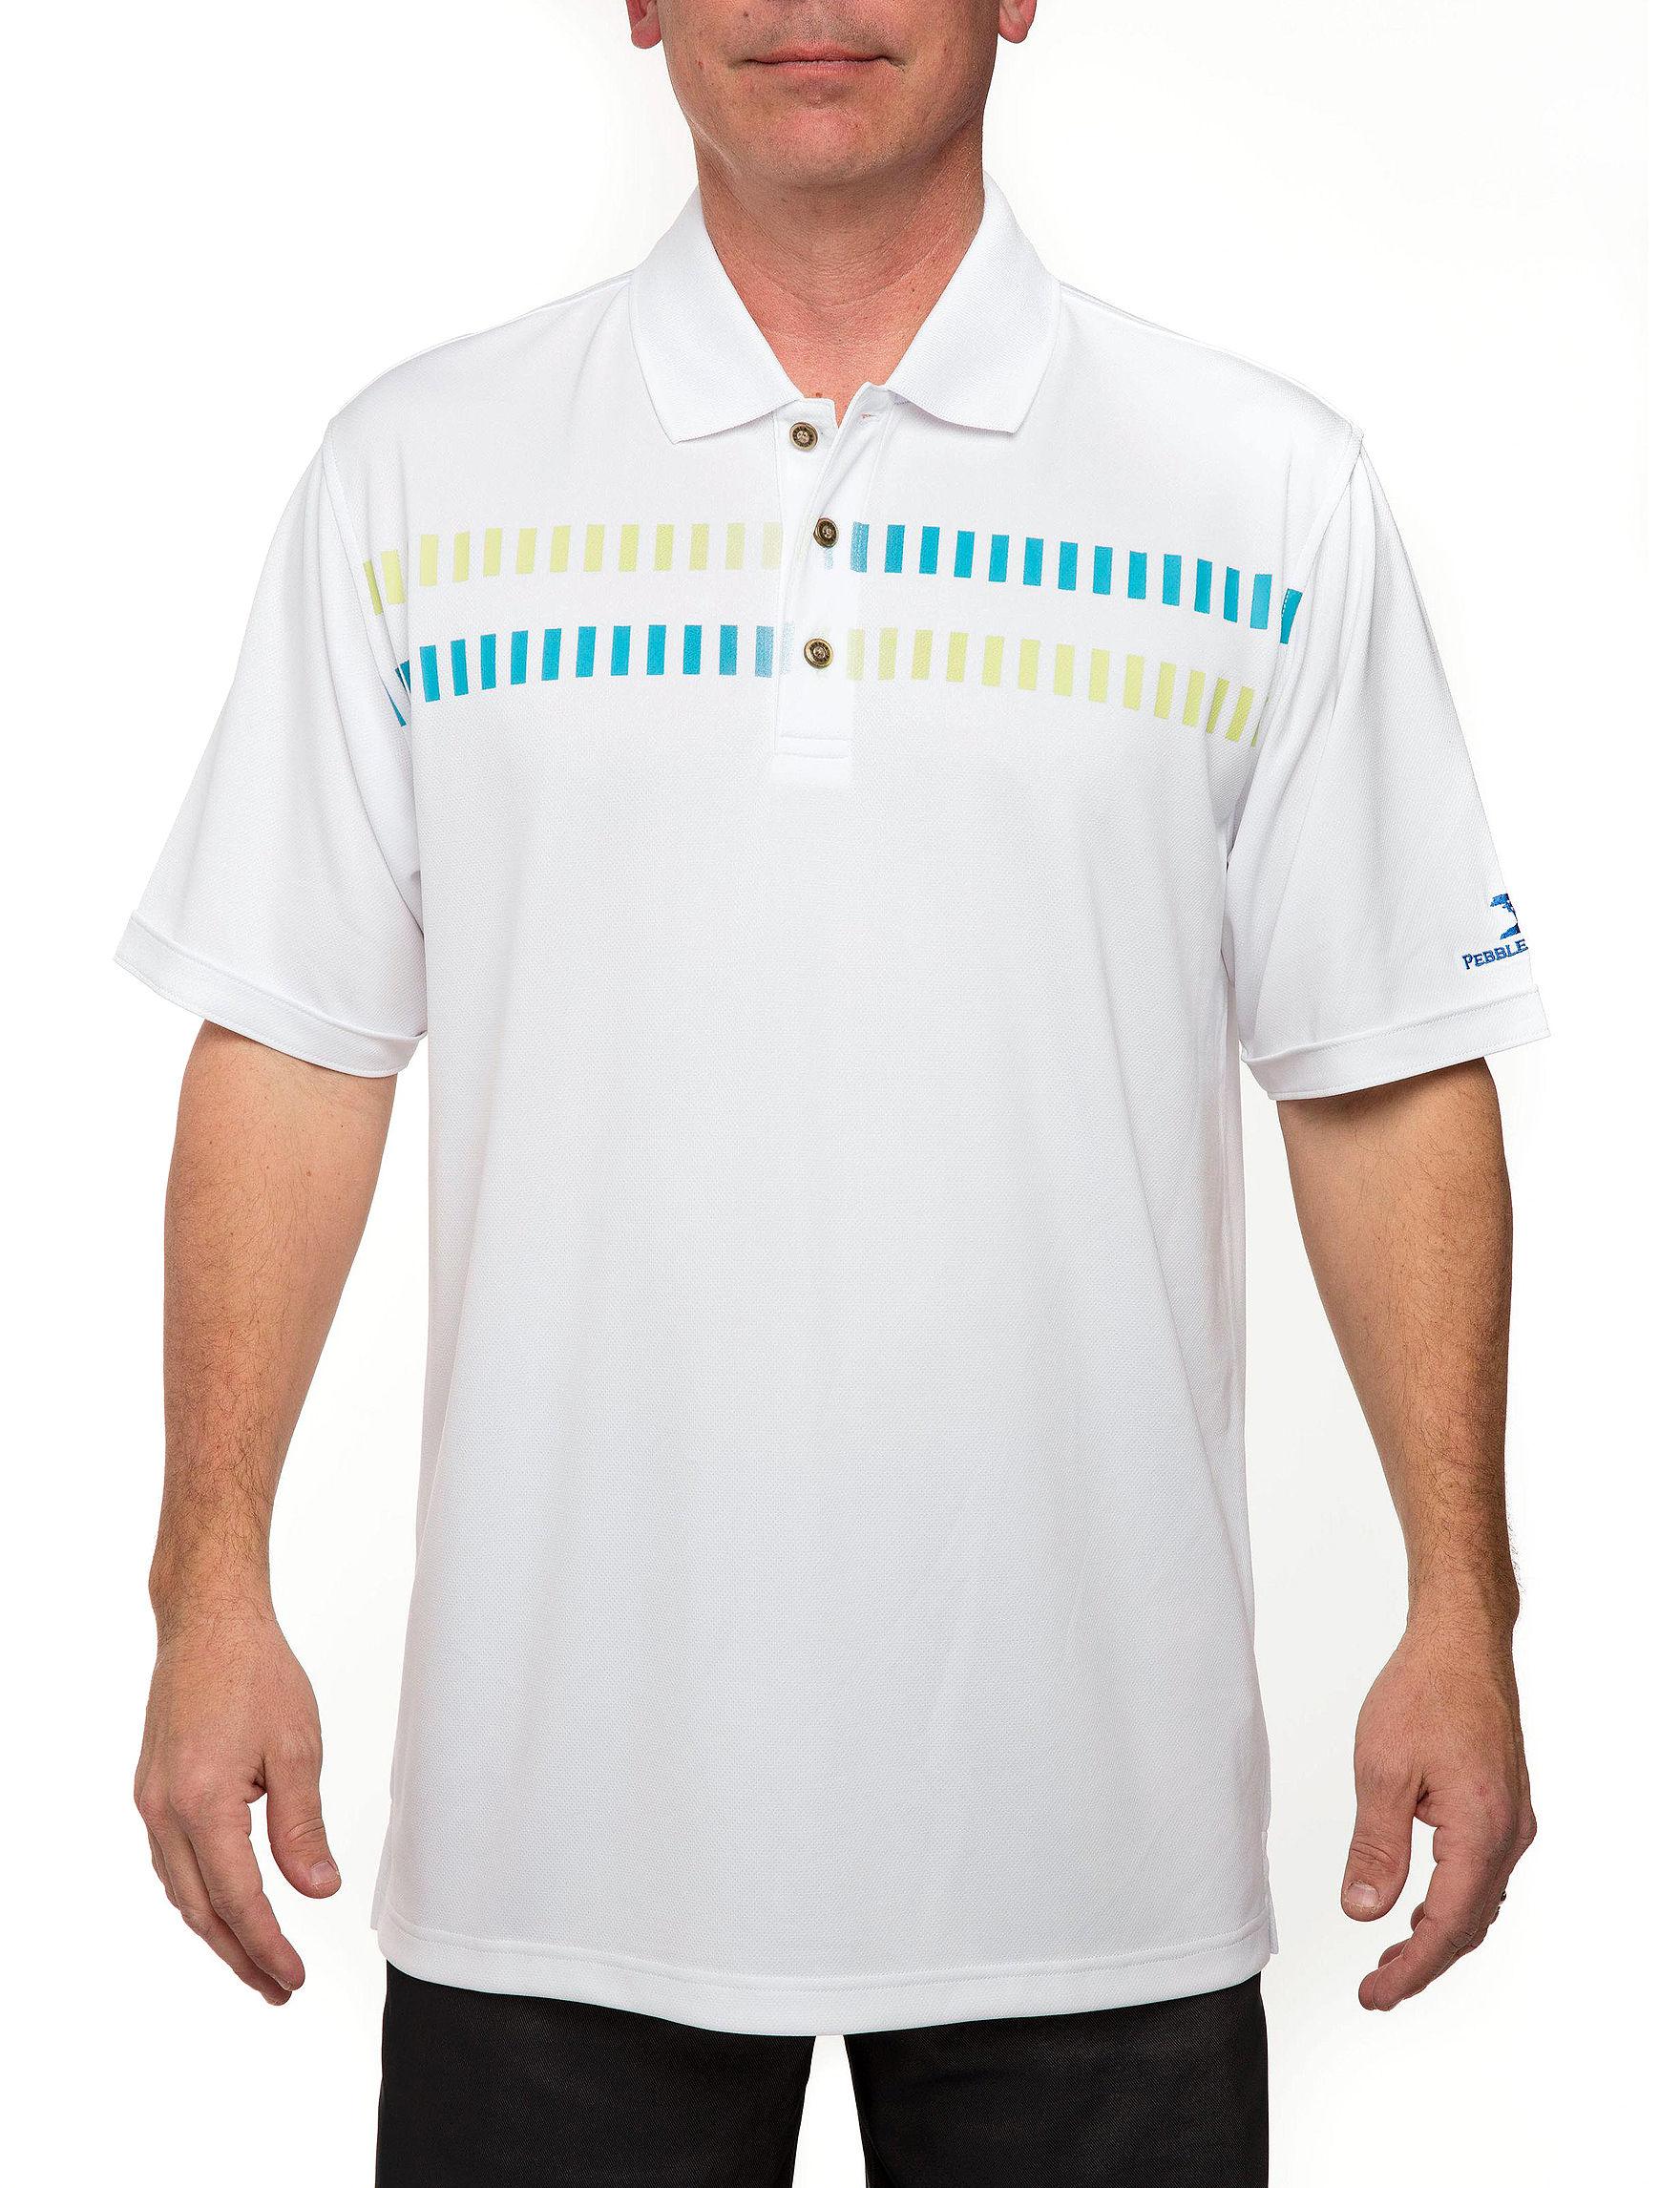 Pebble Beach White Polos